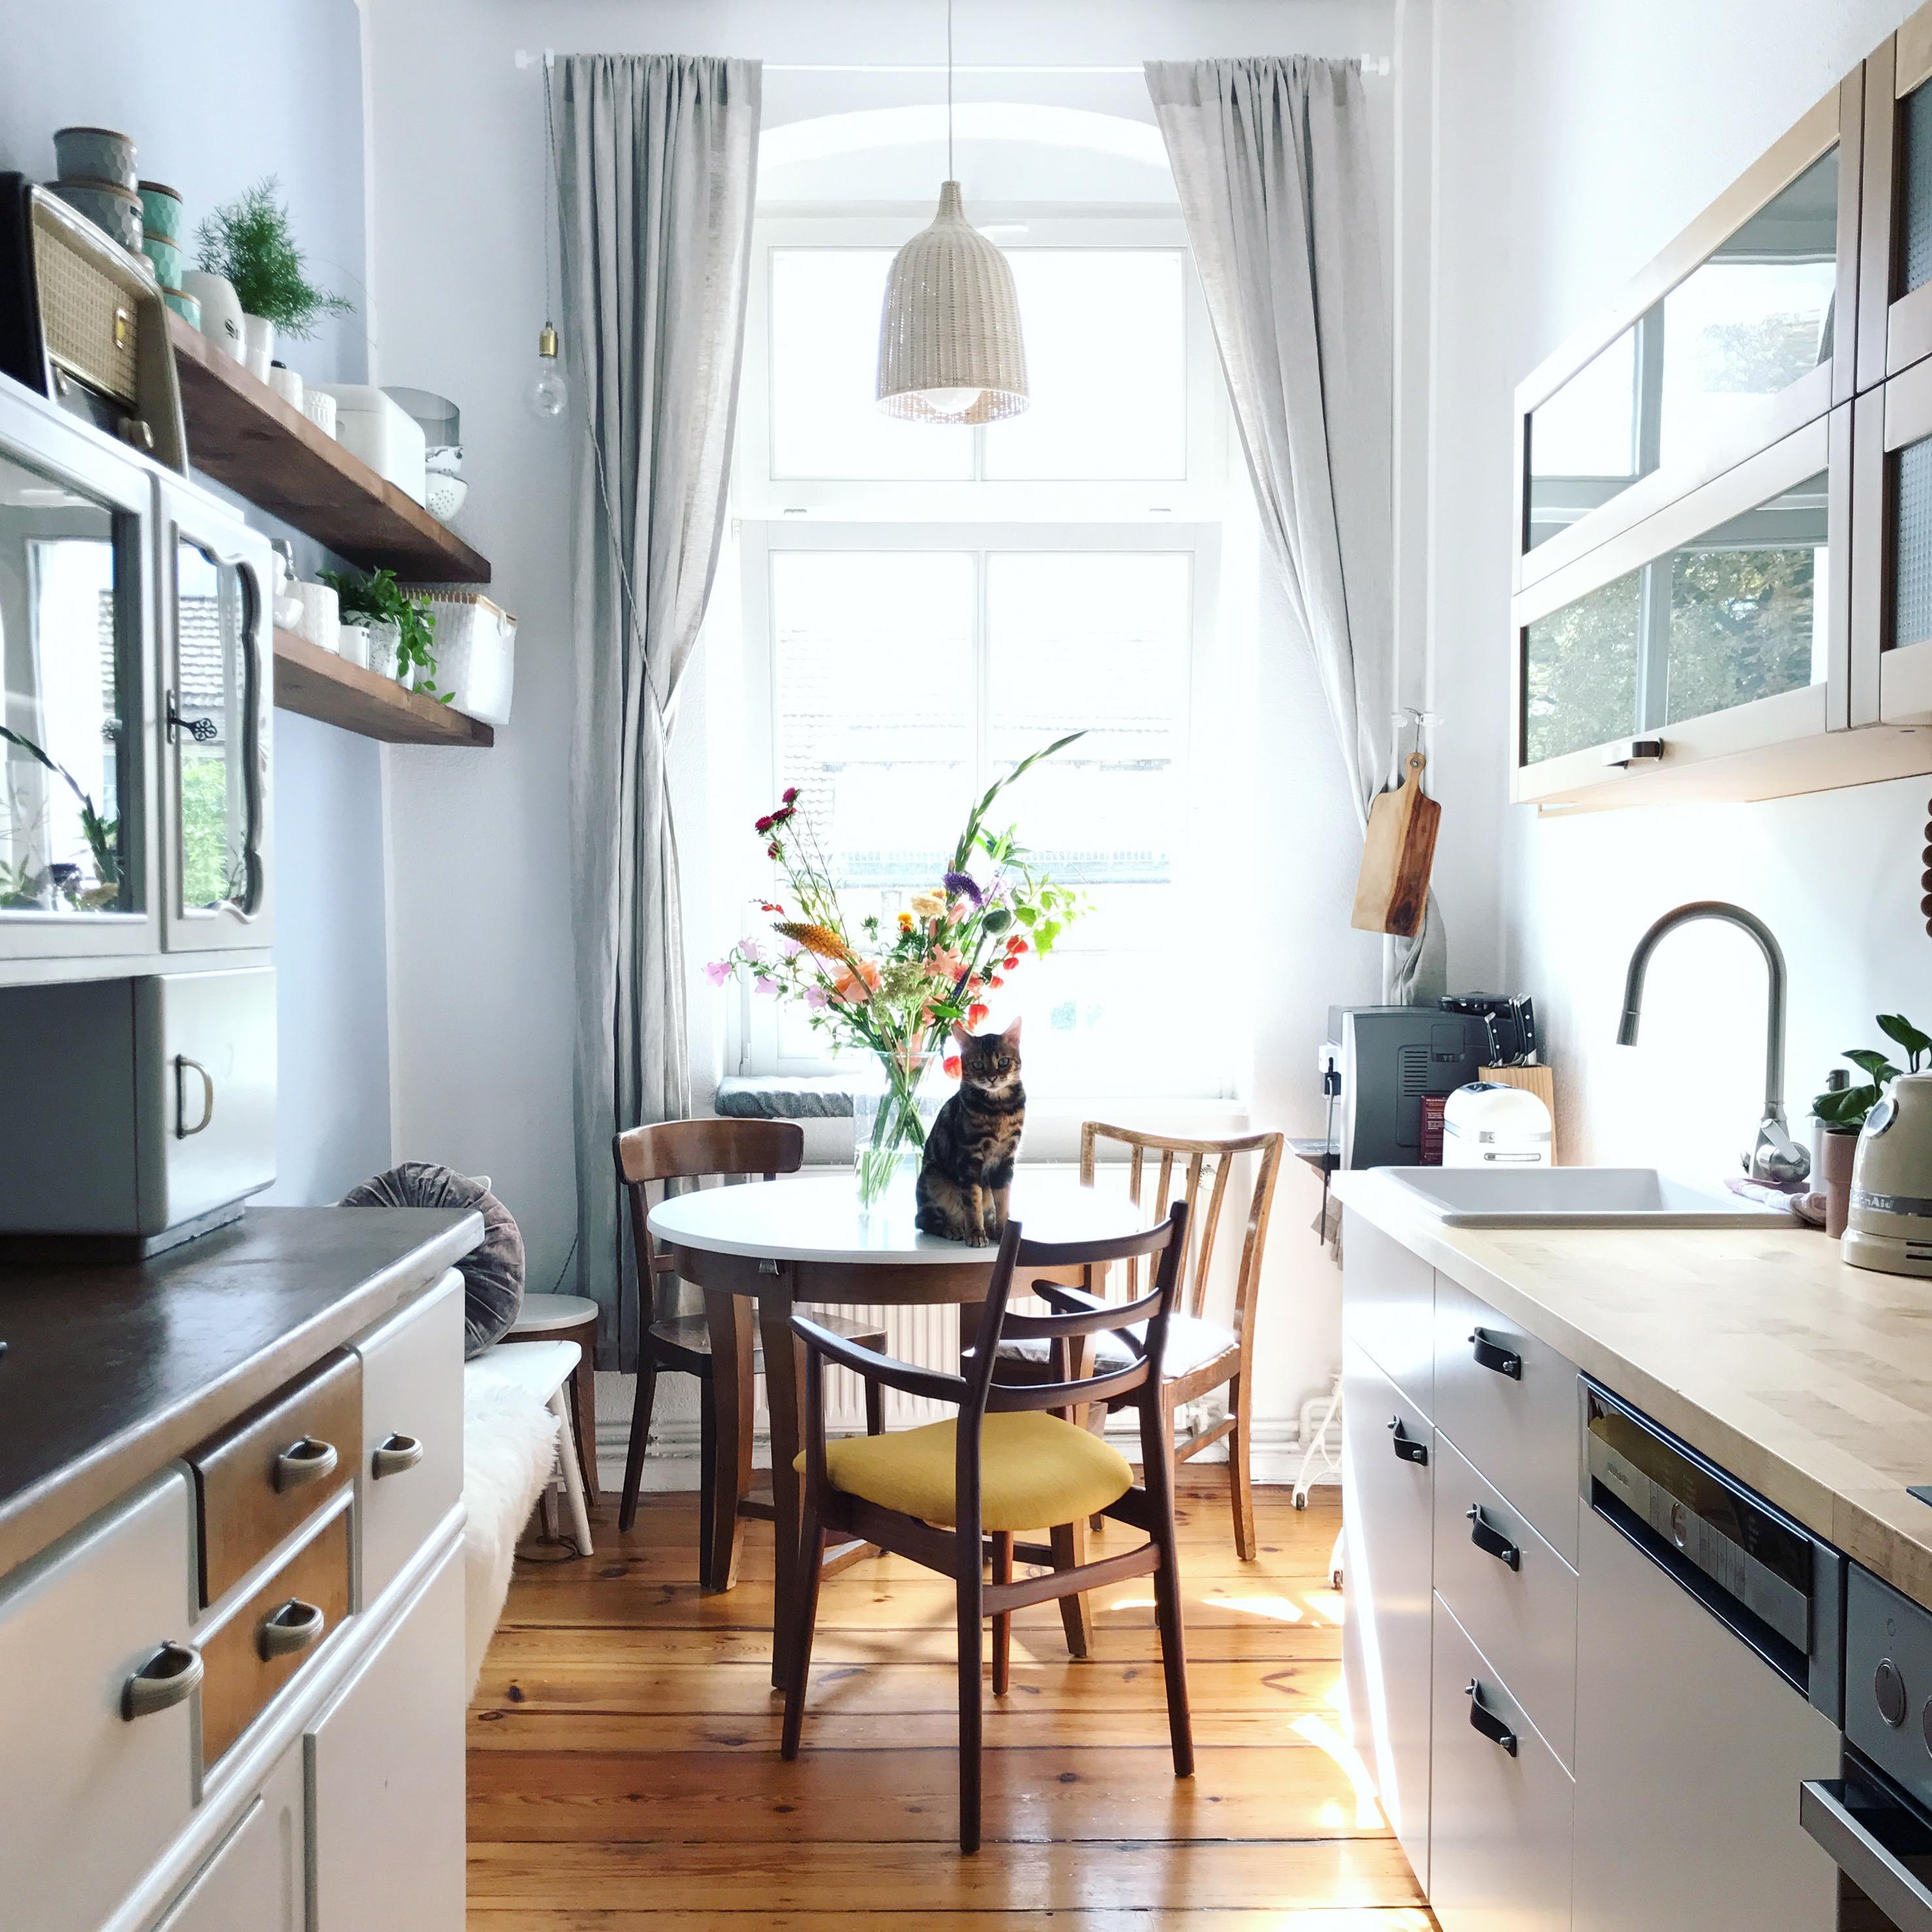 2 zimmer altbau in berlin mit flauschigen mitbewohne. Black Bedroom Furniture Sets. Home Design Ideas